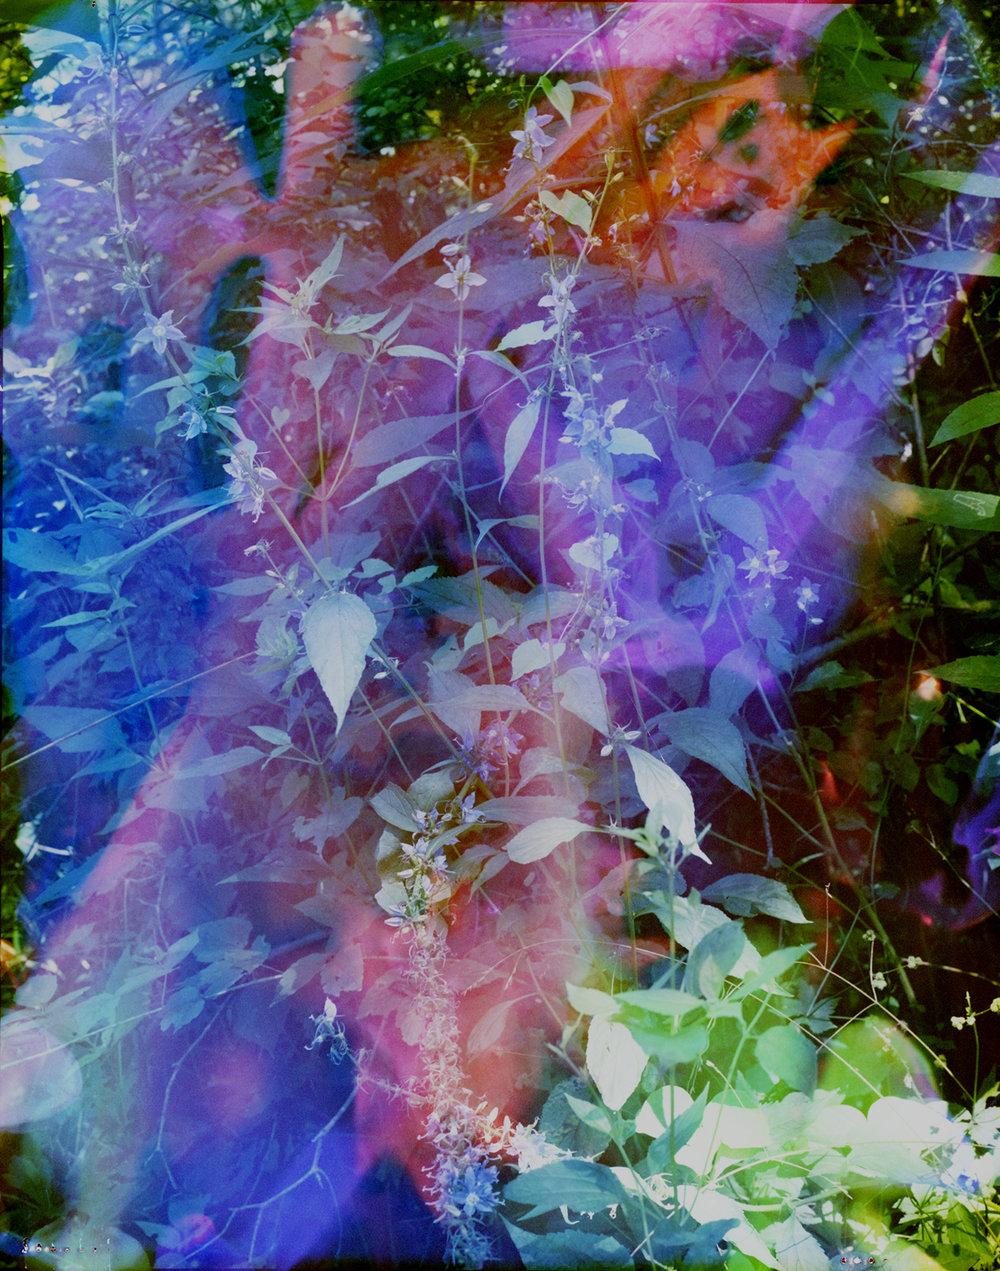 blue flowers in blue_web.jpg